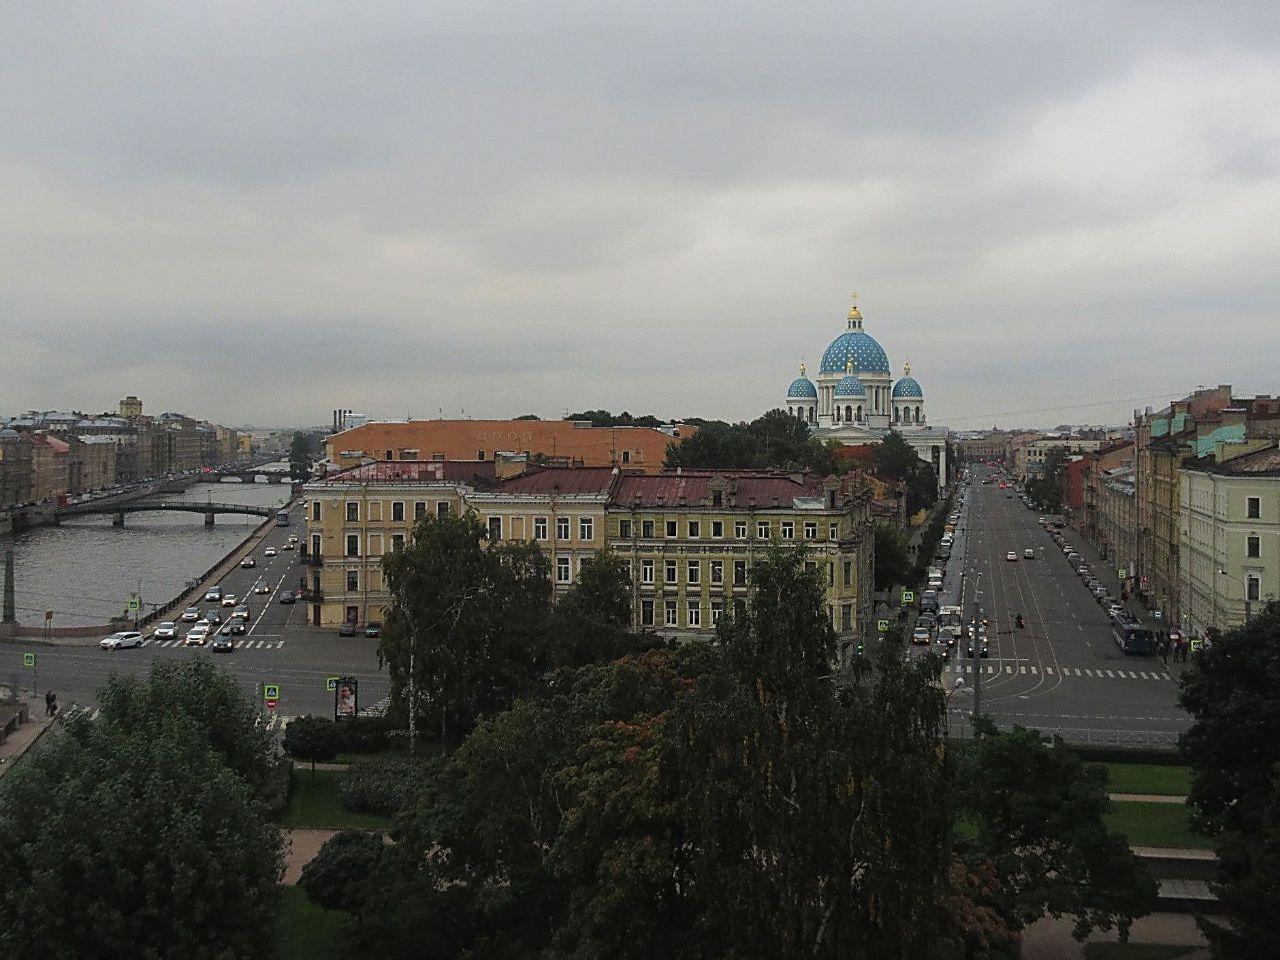 Самый юный парк самого туристического города Европы. Санкт-Петербург, Россия